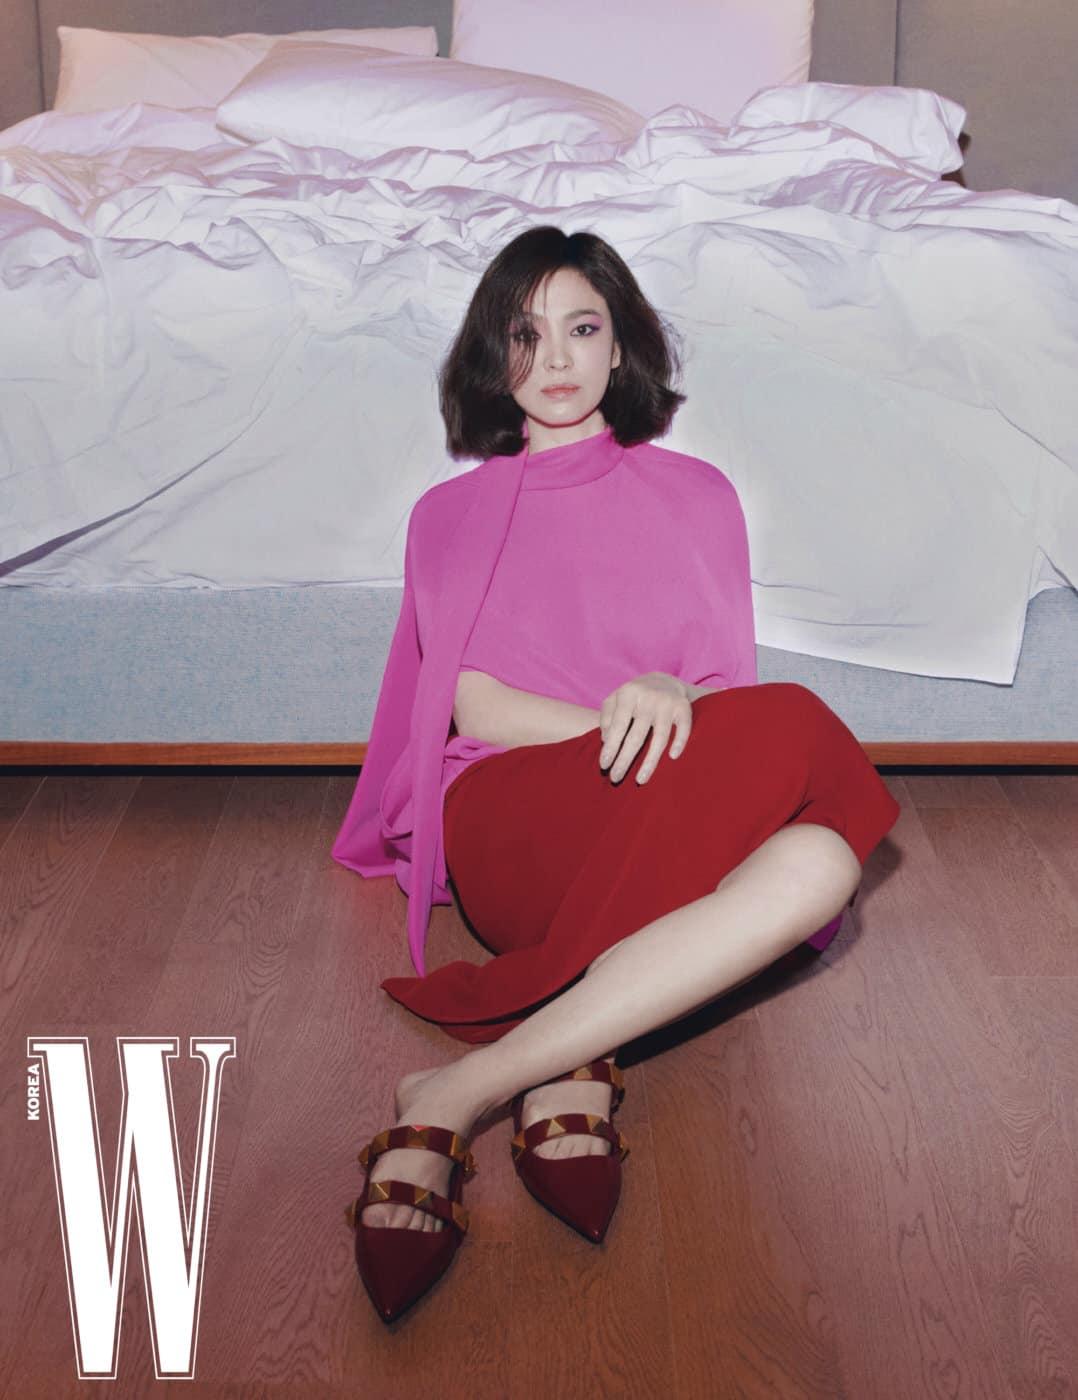 Bài phỏng vấn gây sốt của Song Hye Kyo: Lần đầu công khai nói về cuộc sống hậu ly hôn, dũng cảm nhắc tới tình yêu sau khi Song Joong Ki rời đi-6